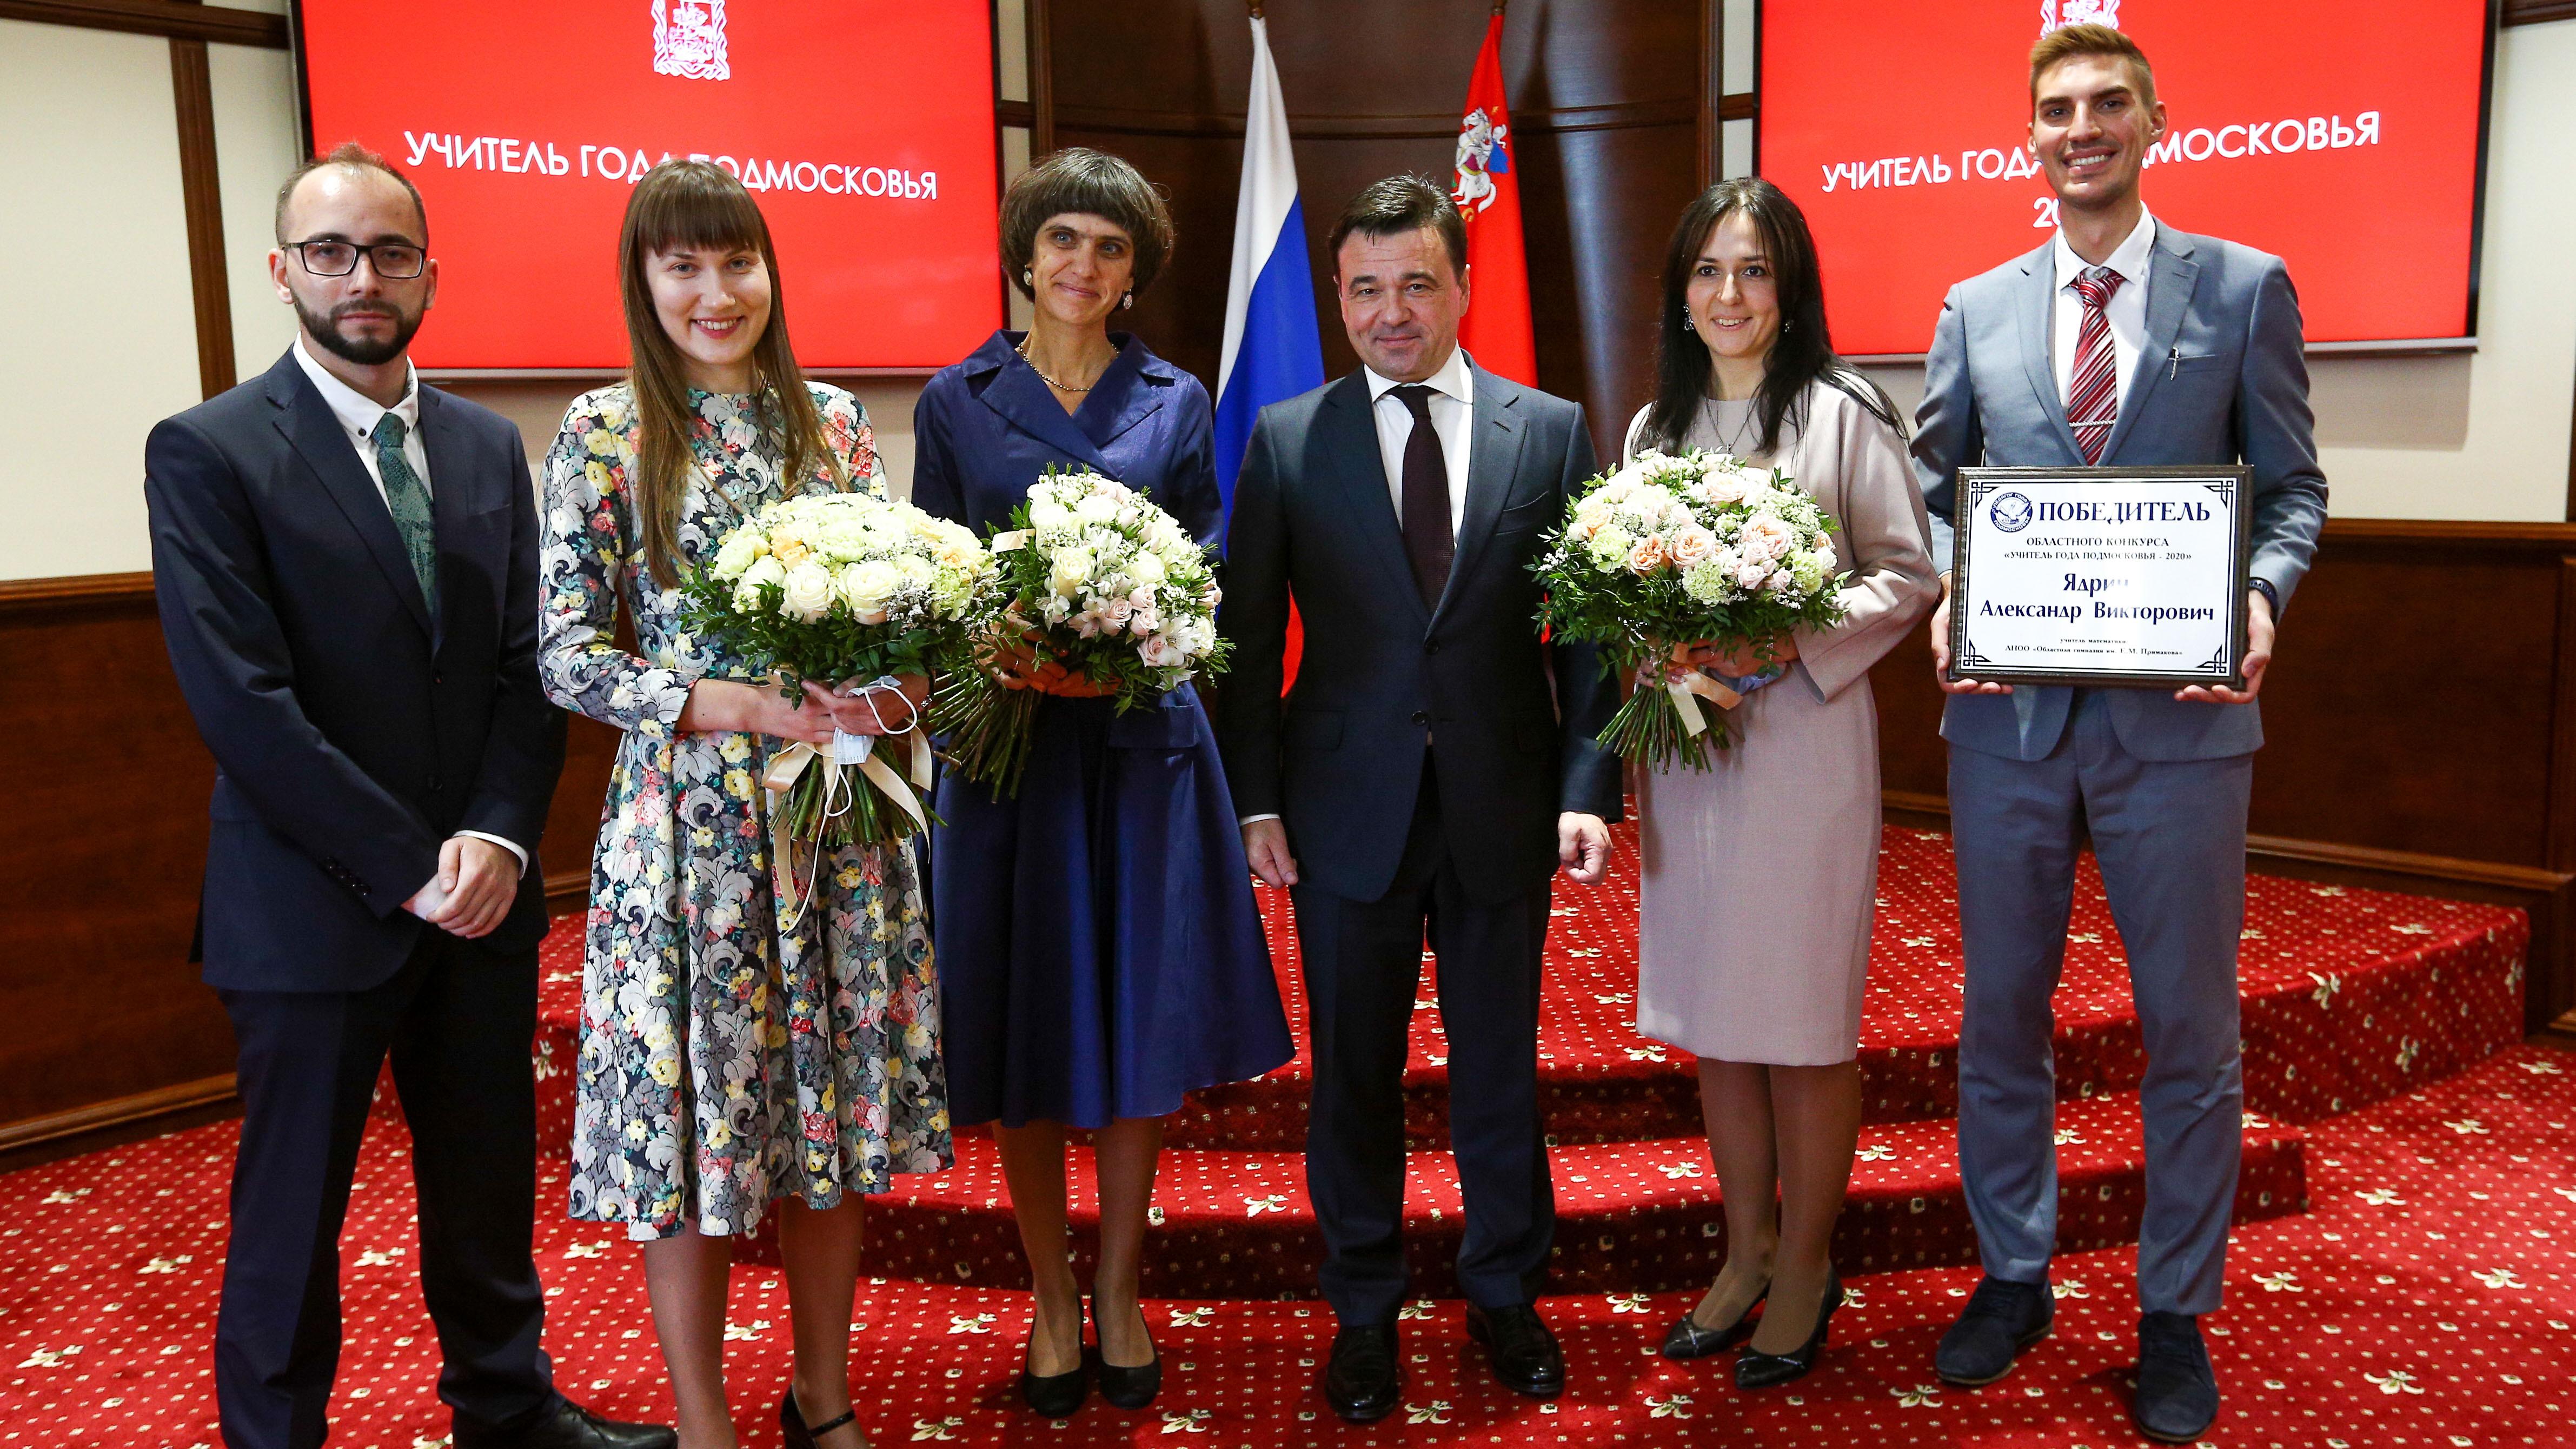 Губернатор вручил награды победителю и лауреатам конкурса «Учитель года Подмосковья-2020»